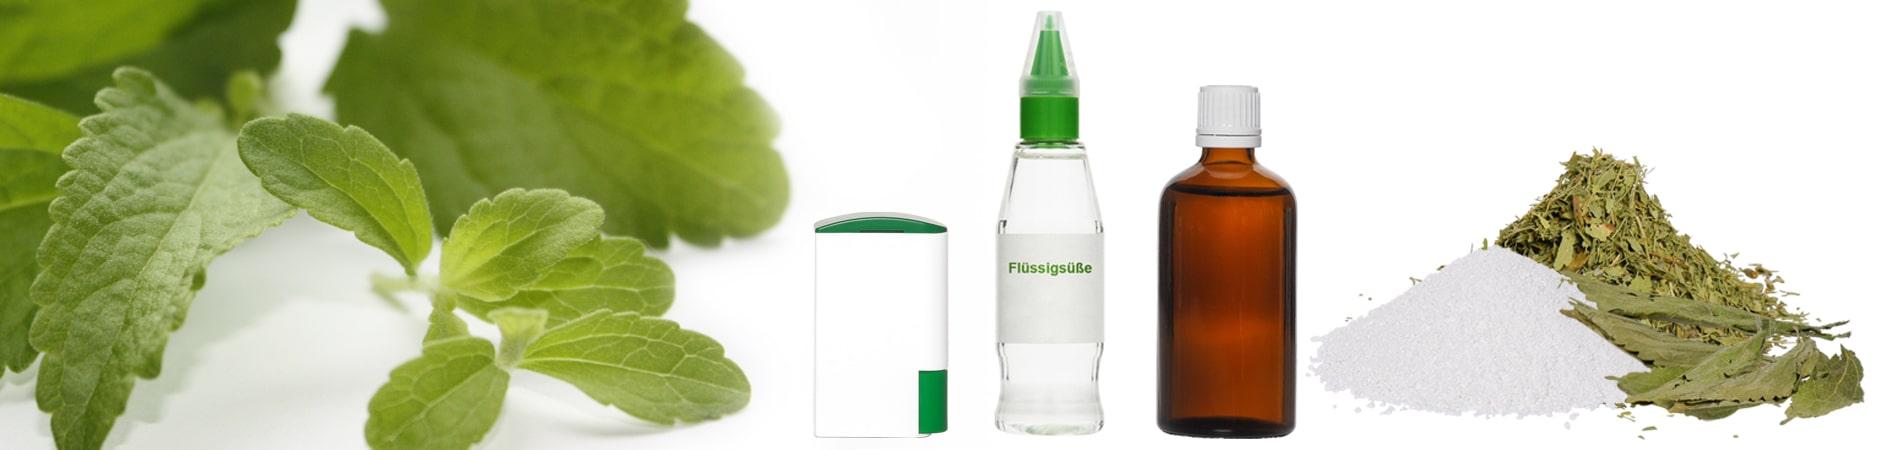 Ein gutes Stevia-Produkt enthält möglichst wenige Zusatzstoffe.